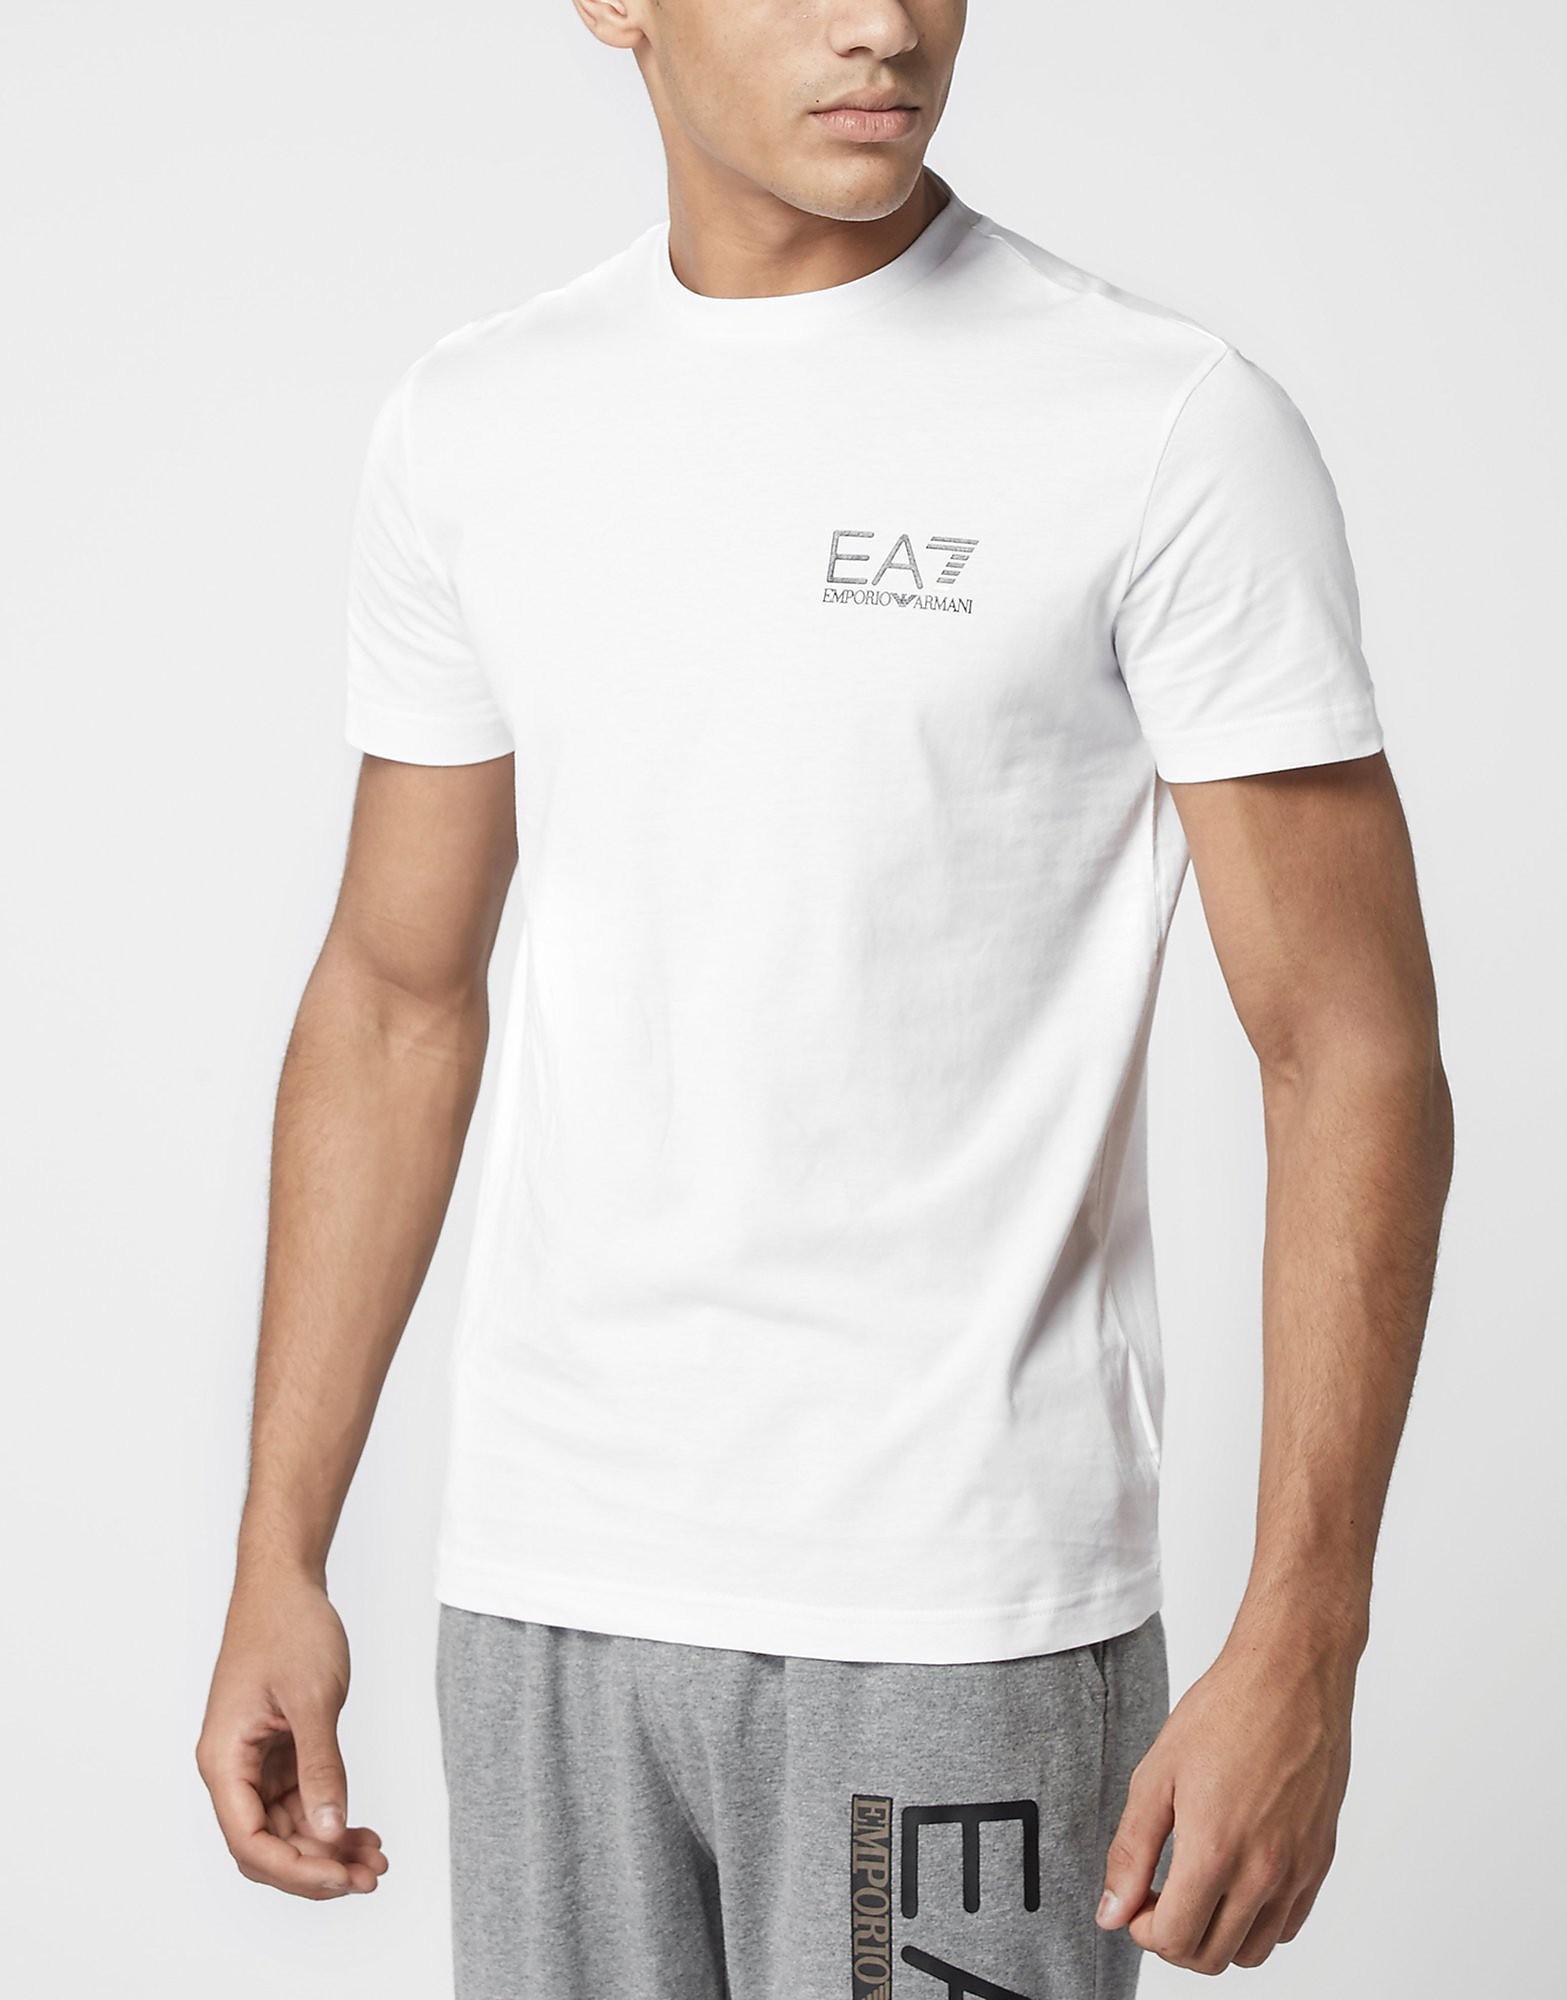 Emporio Armani EA7 Core TShirt  White White